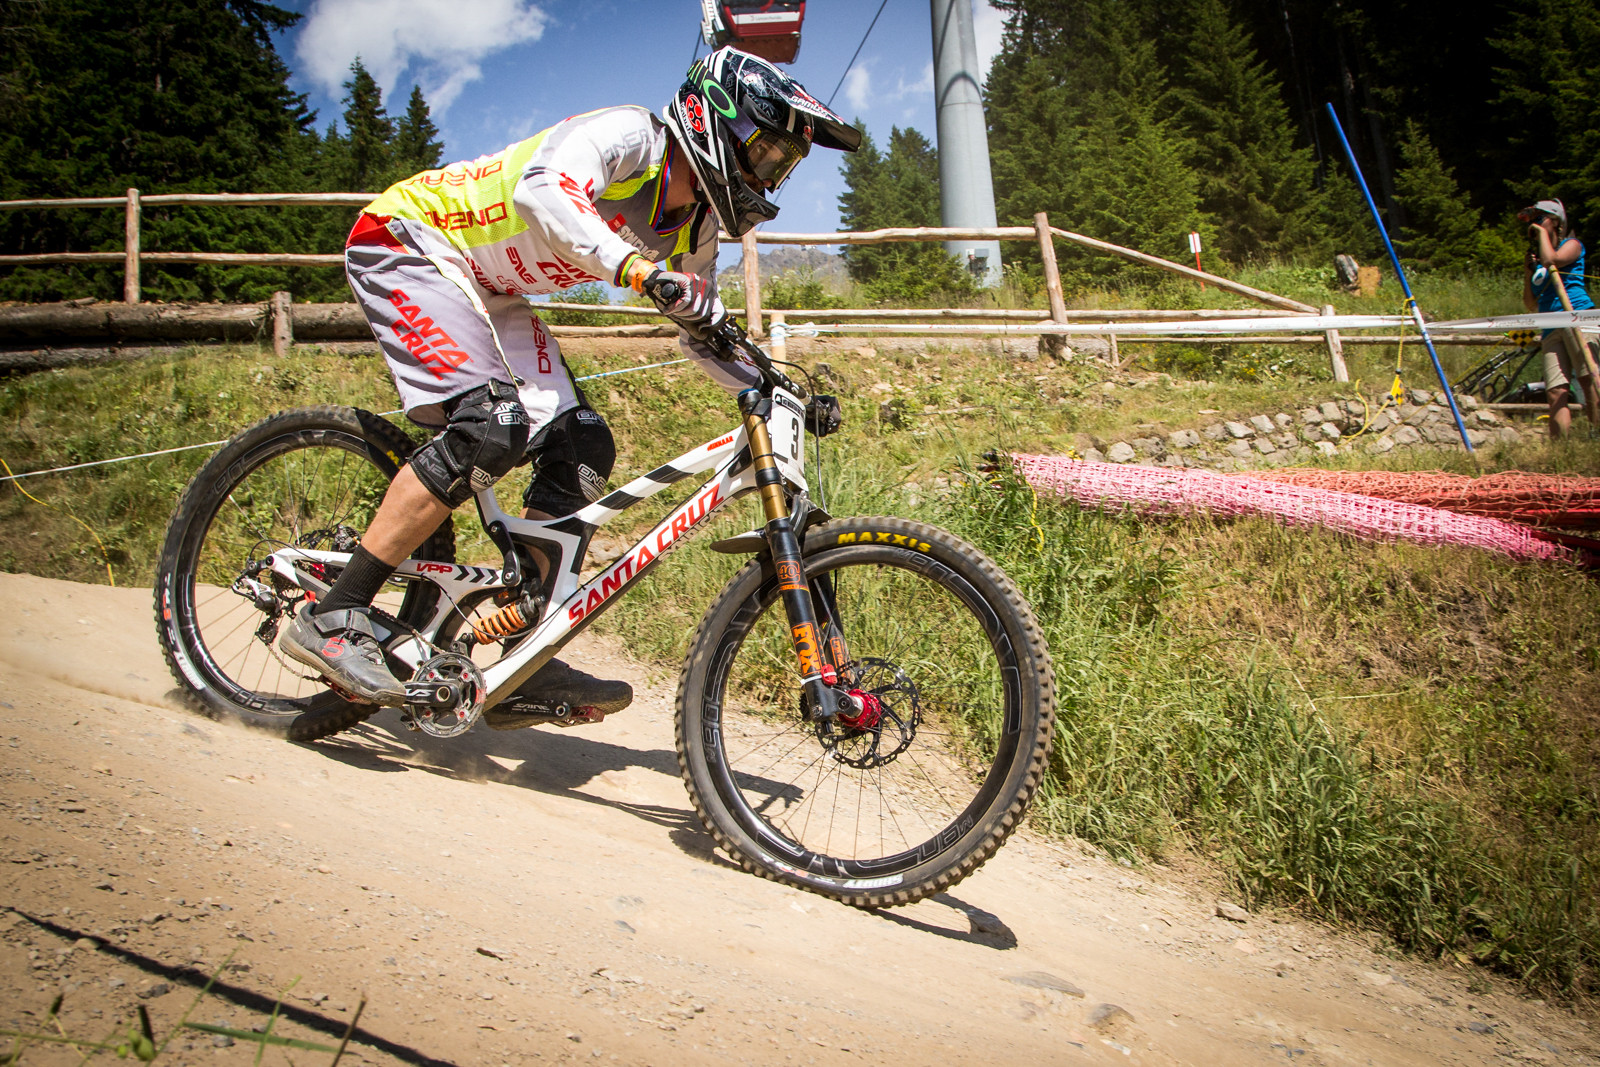 Greg Minnaar, G-Out Project, Lenzerheide World Cup - G-Out Project - Lenzerheide World Cup - Mountain Biking Pictures - Vital MTB